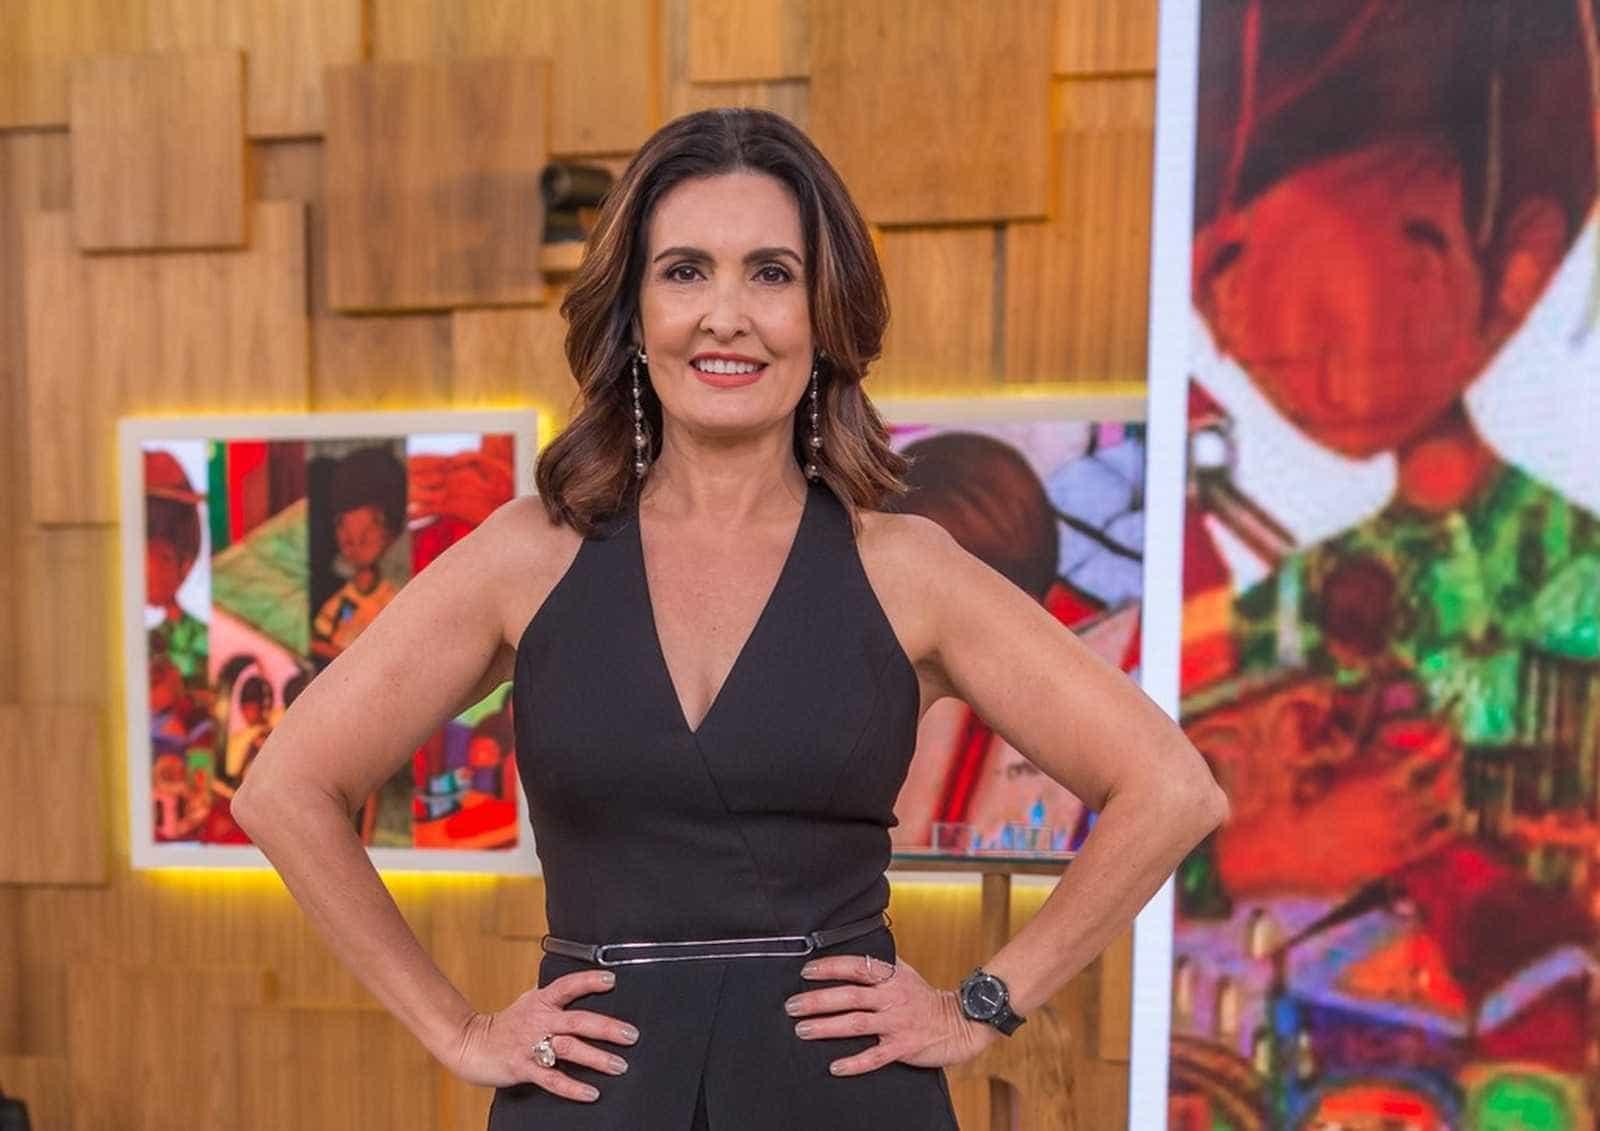 Fátima se assusta ao ser questionada sobre relação com Pernambuco